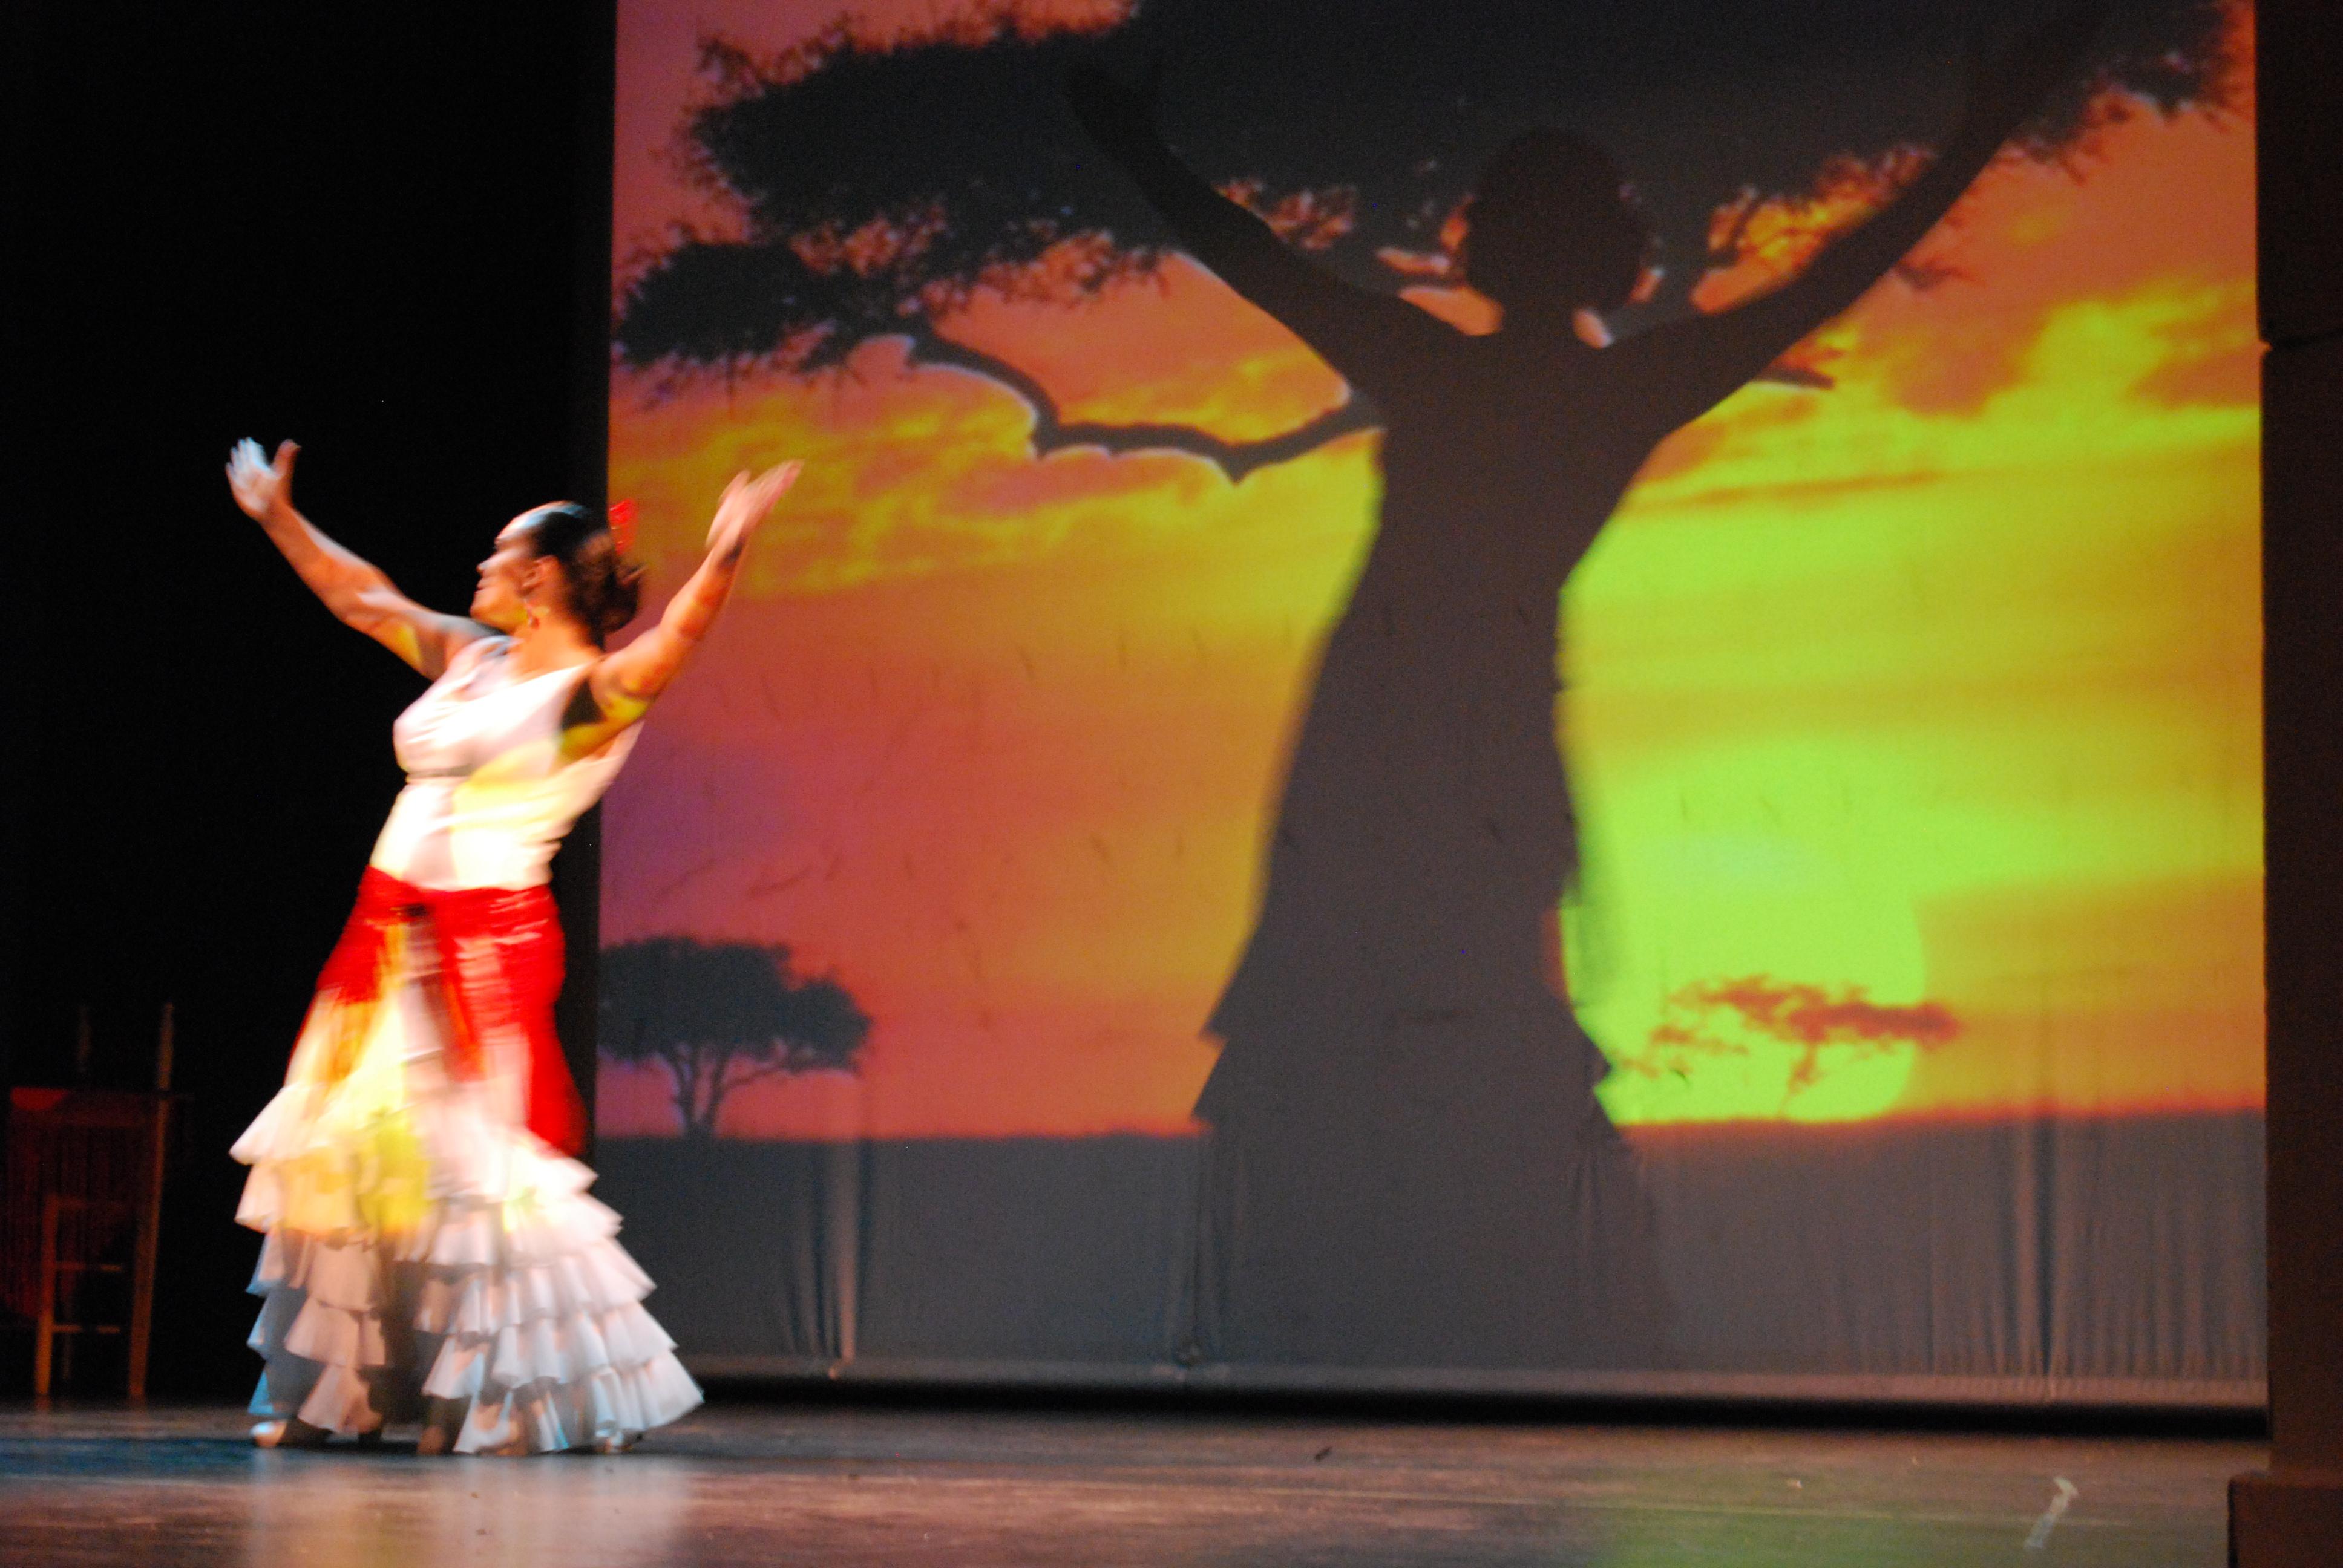 MI ARTE FLAMENCO POR SOMALIA 16